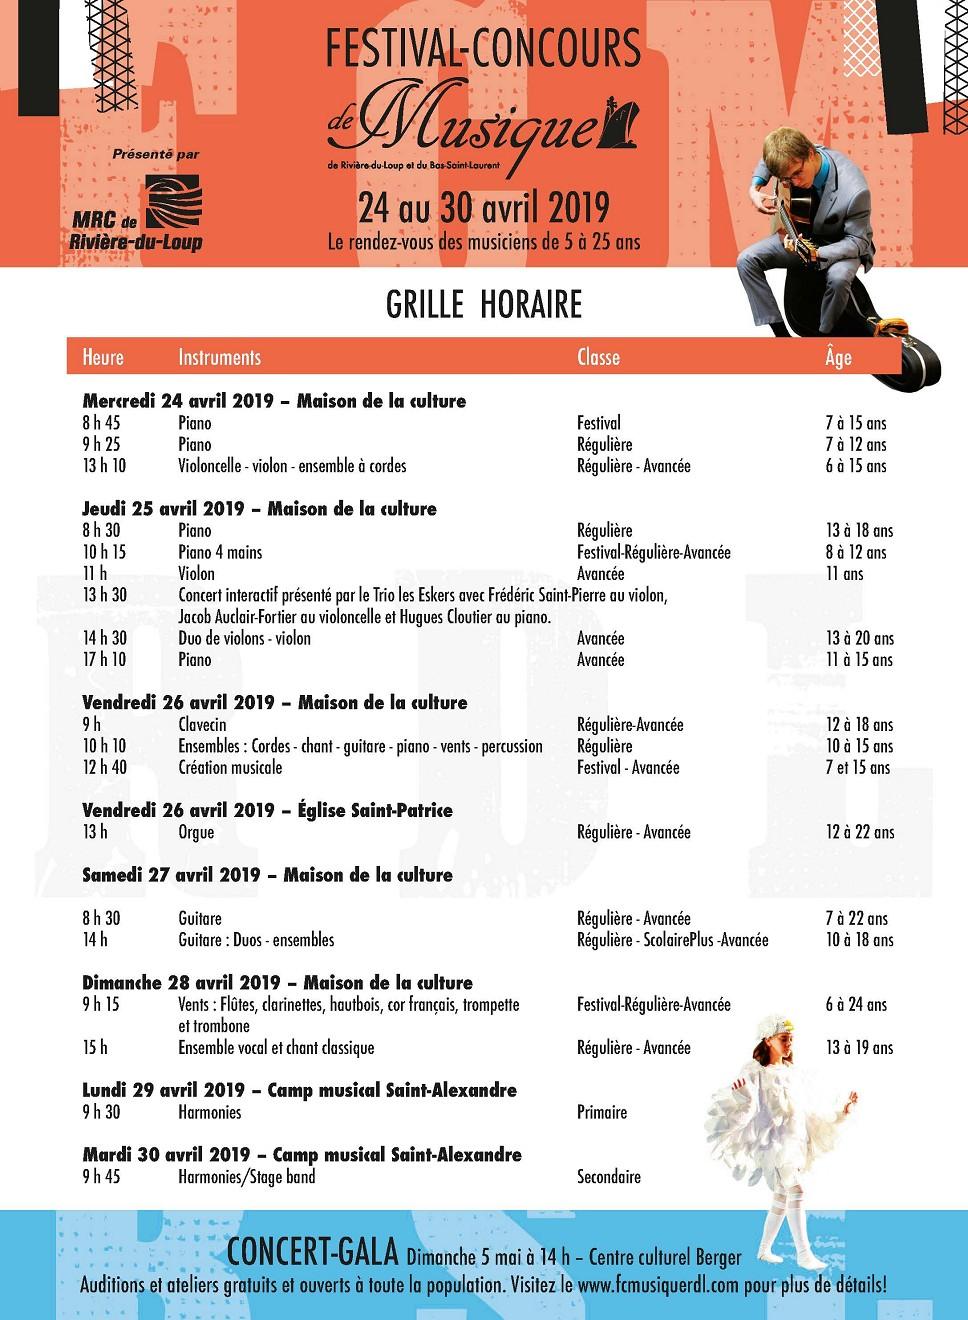 FESTIVAL DE MUSIQUE RDL - GRILLE HORAIRE 2019 (Auteur : Angélika)